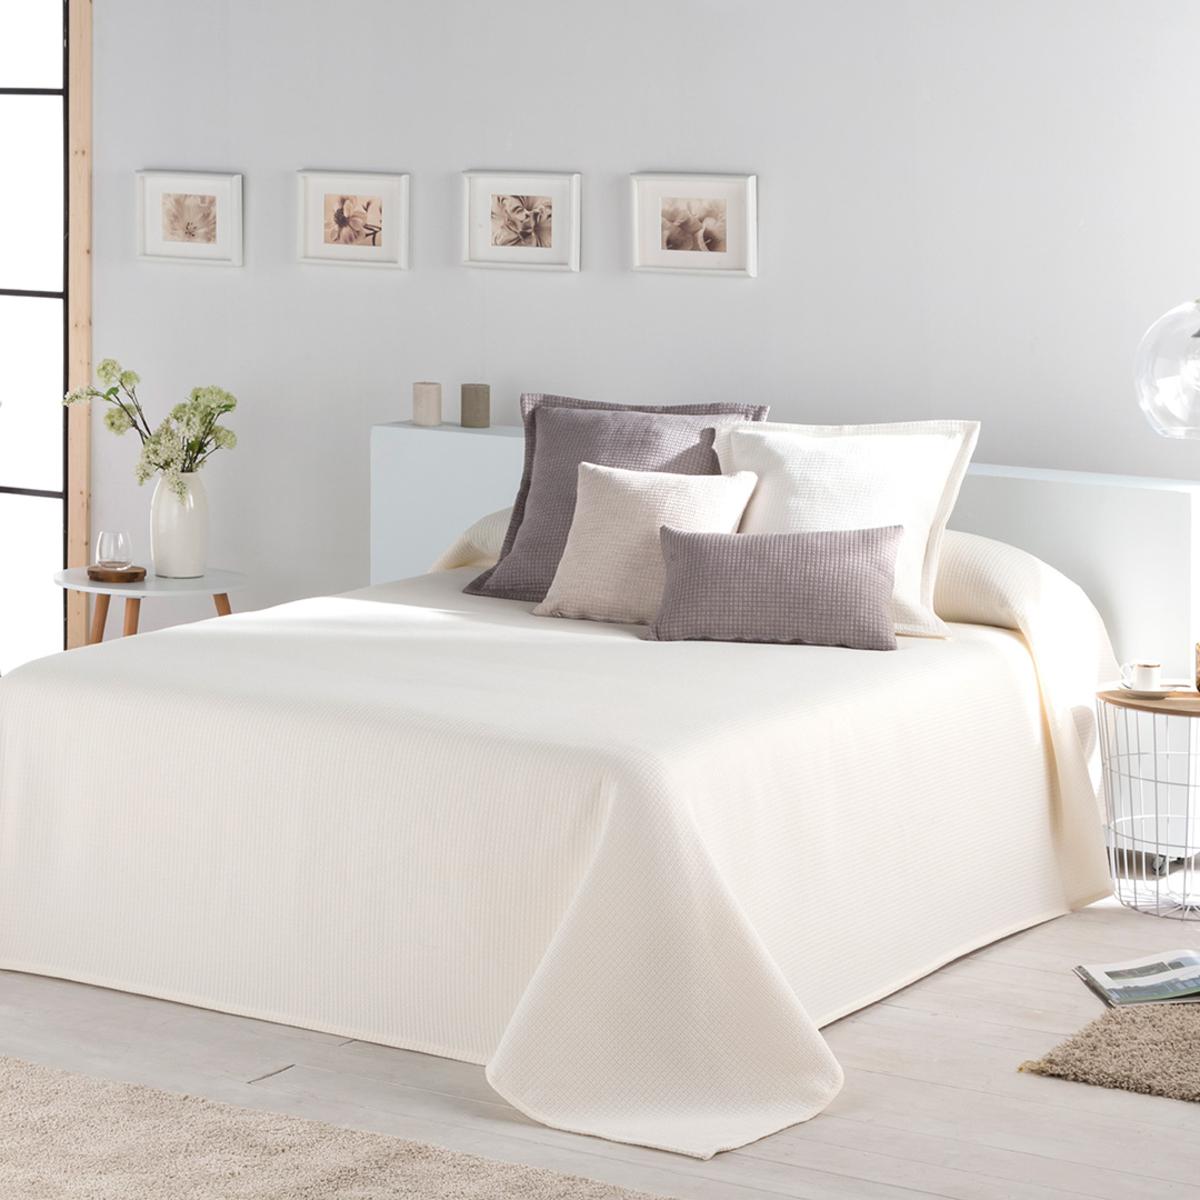 Couvre lit en coton naturel 230x270